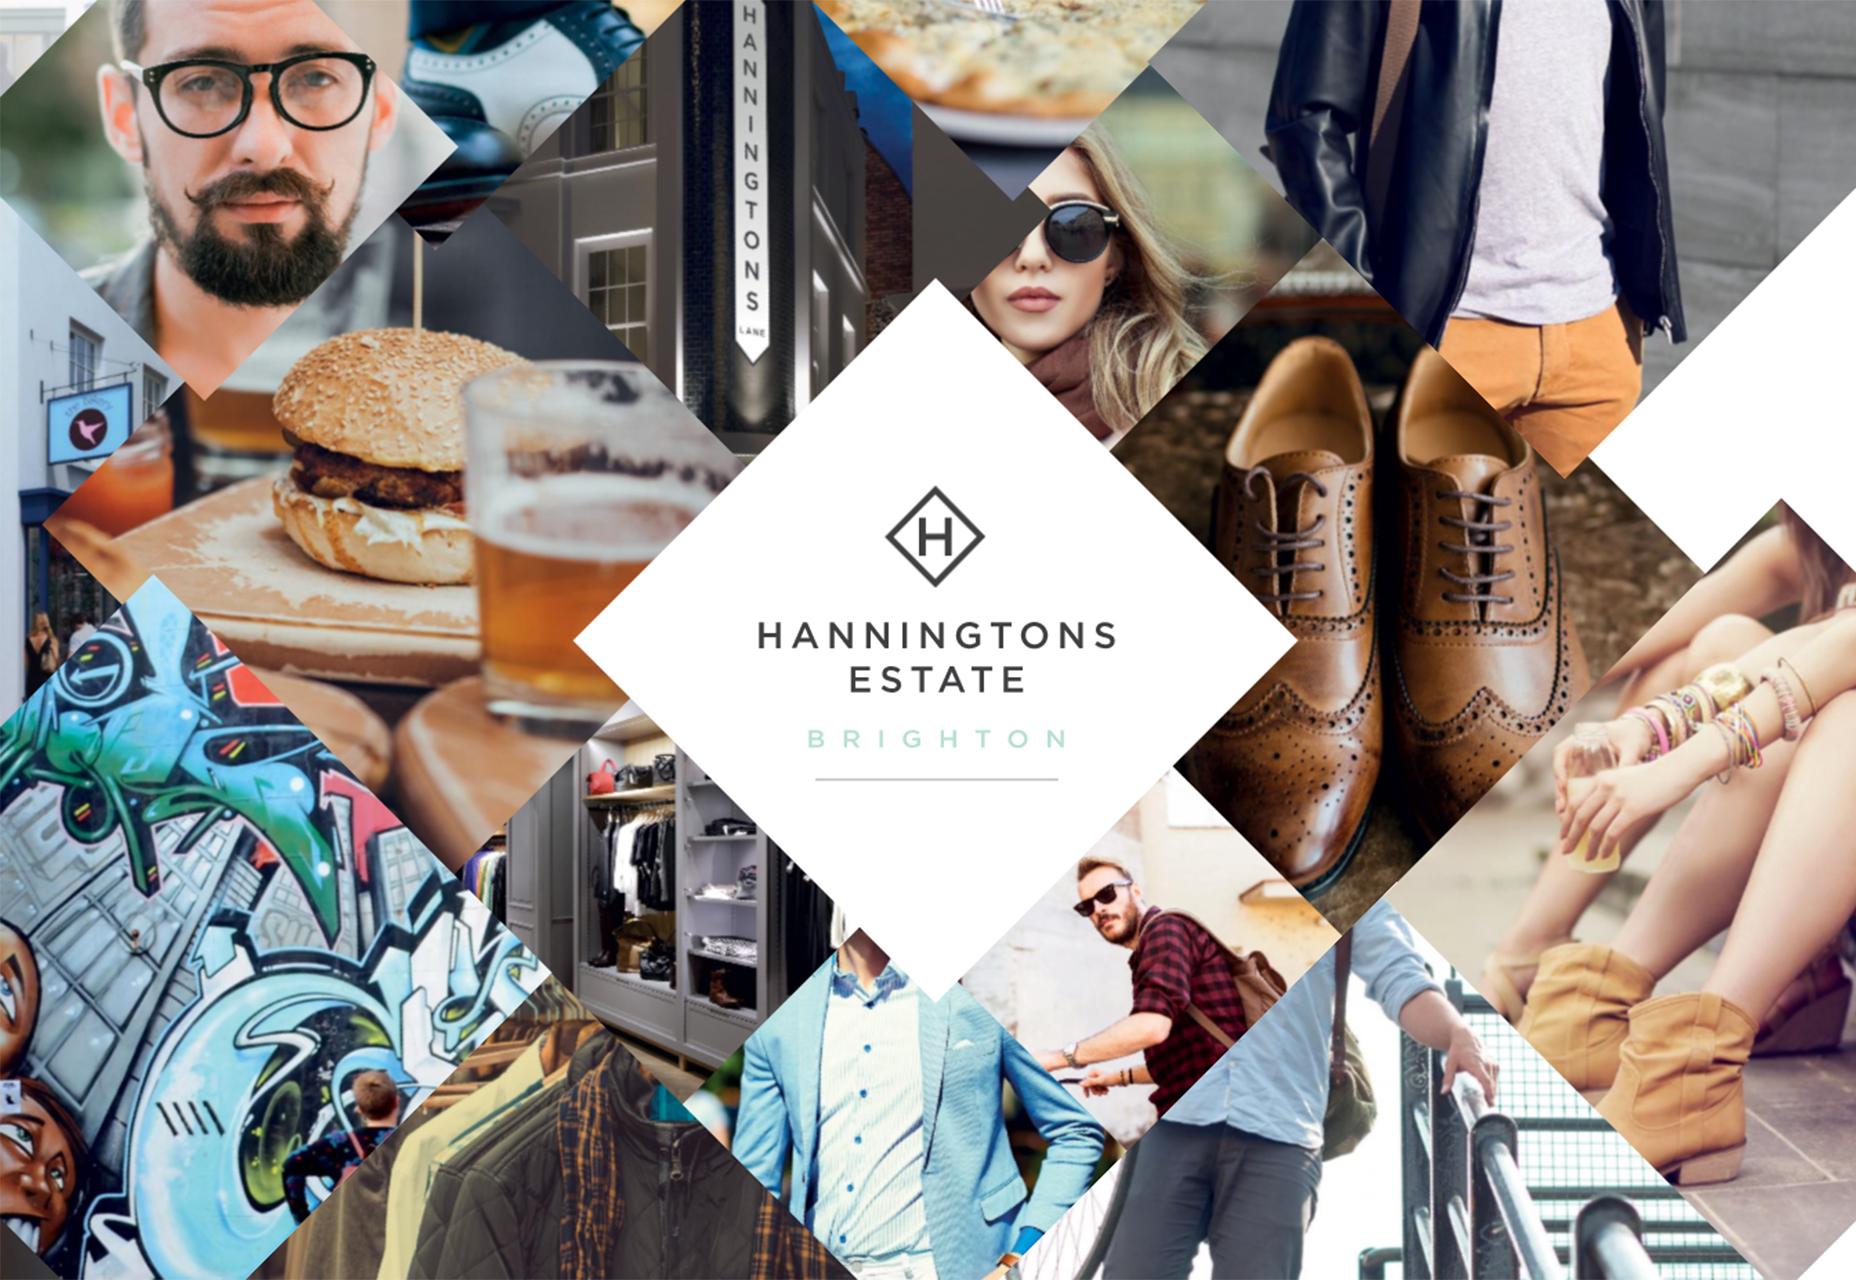 Hannington